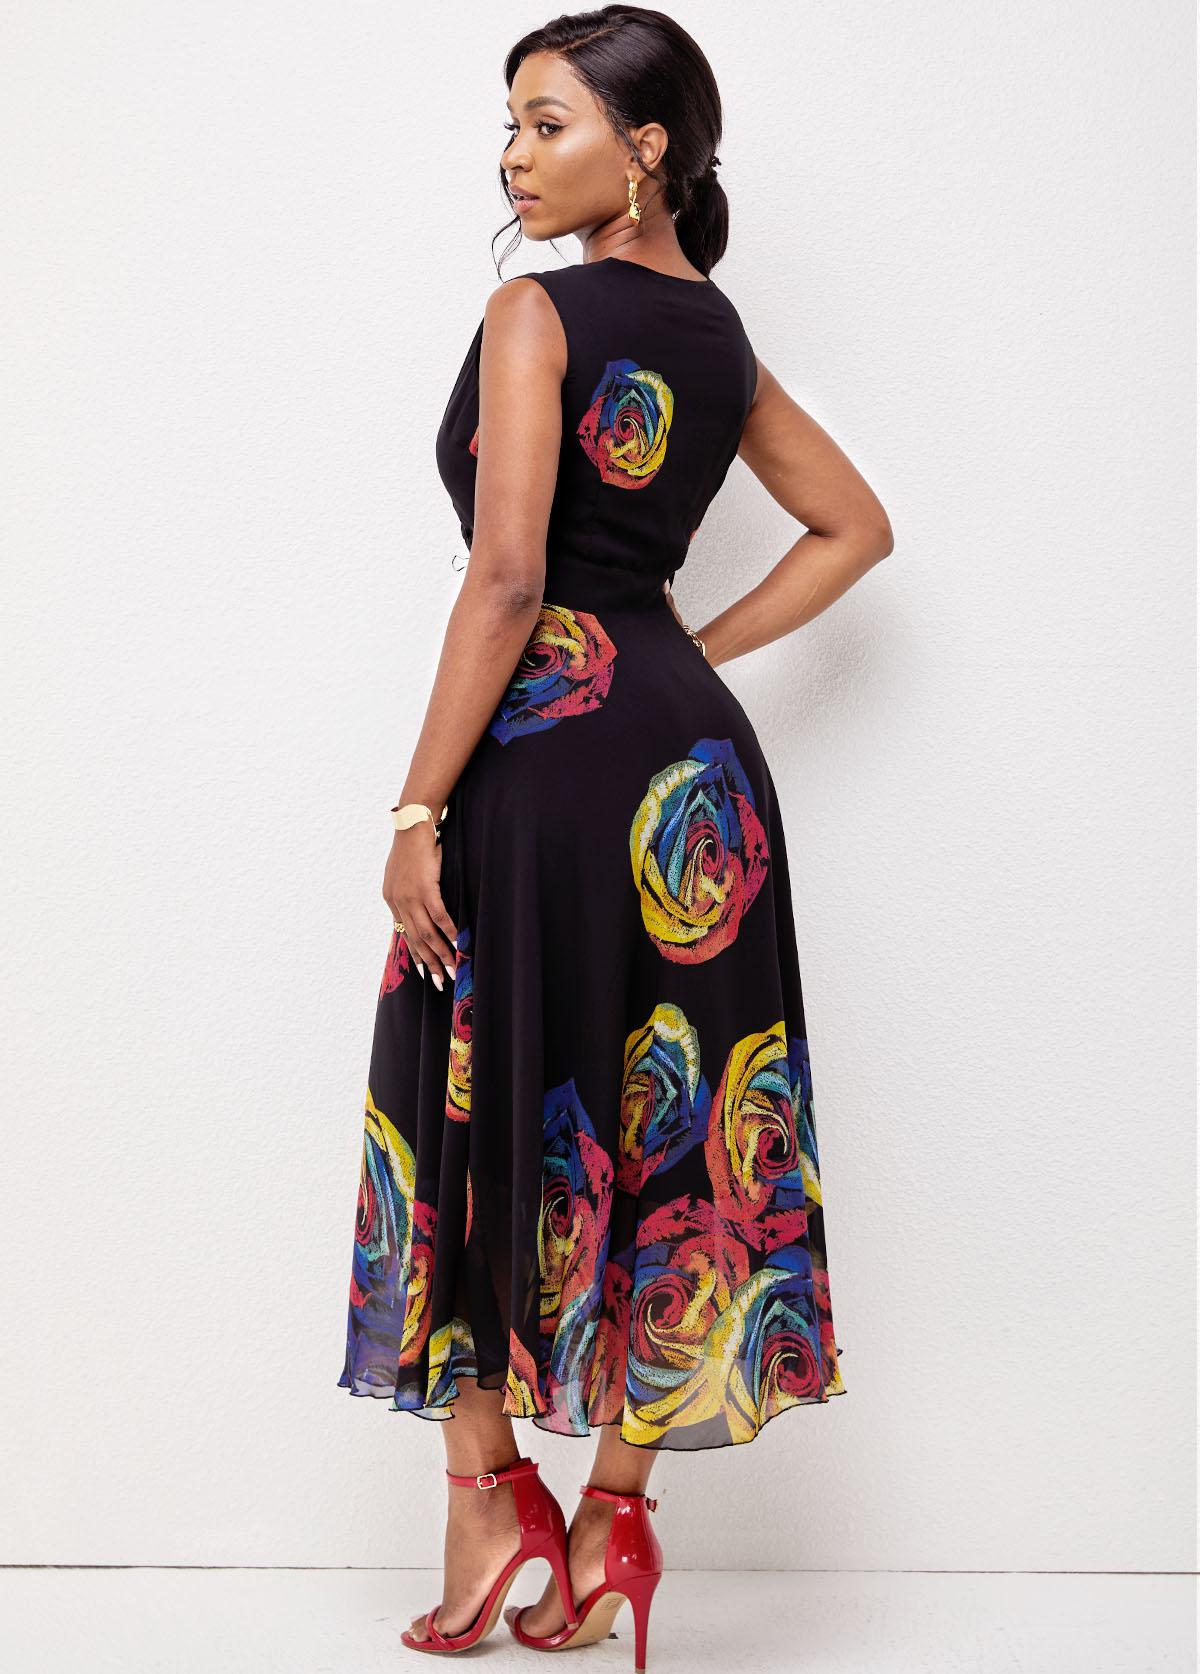 Floral Print Sleeveless V Neck Dress